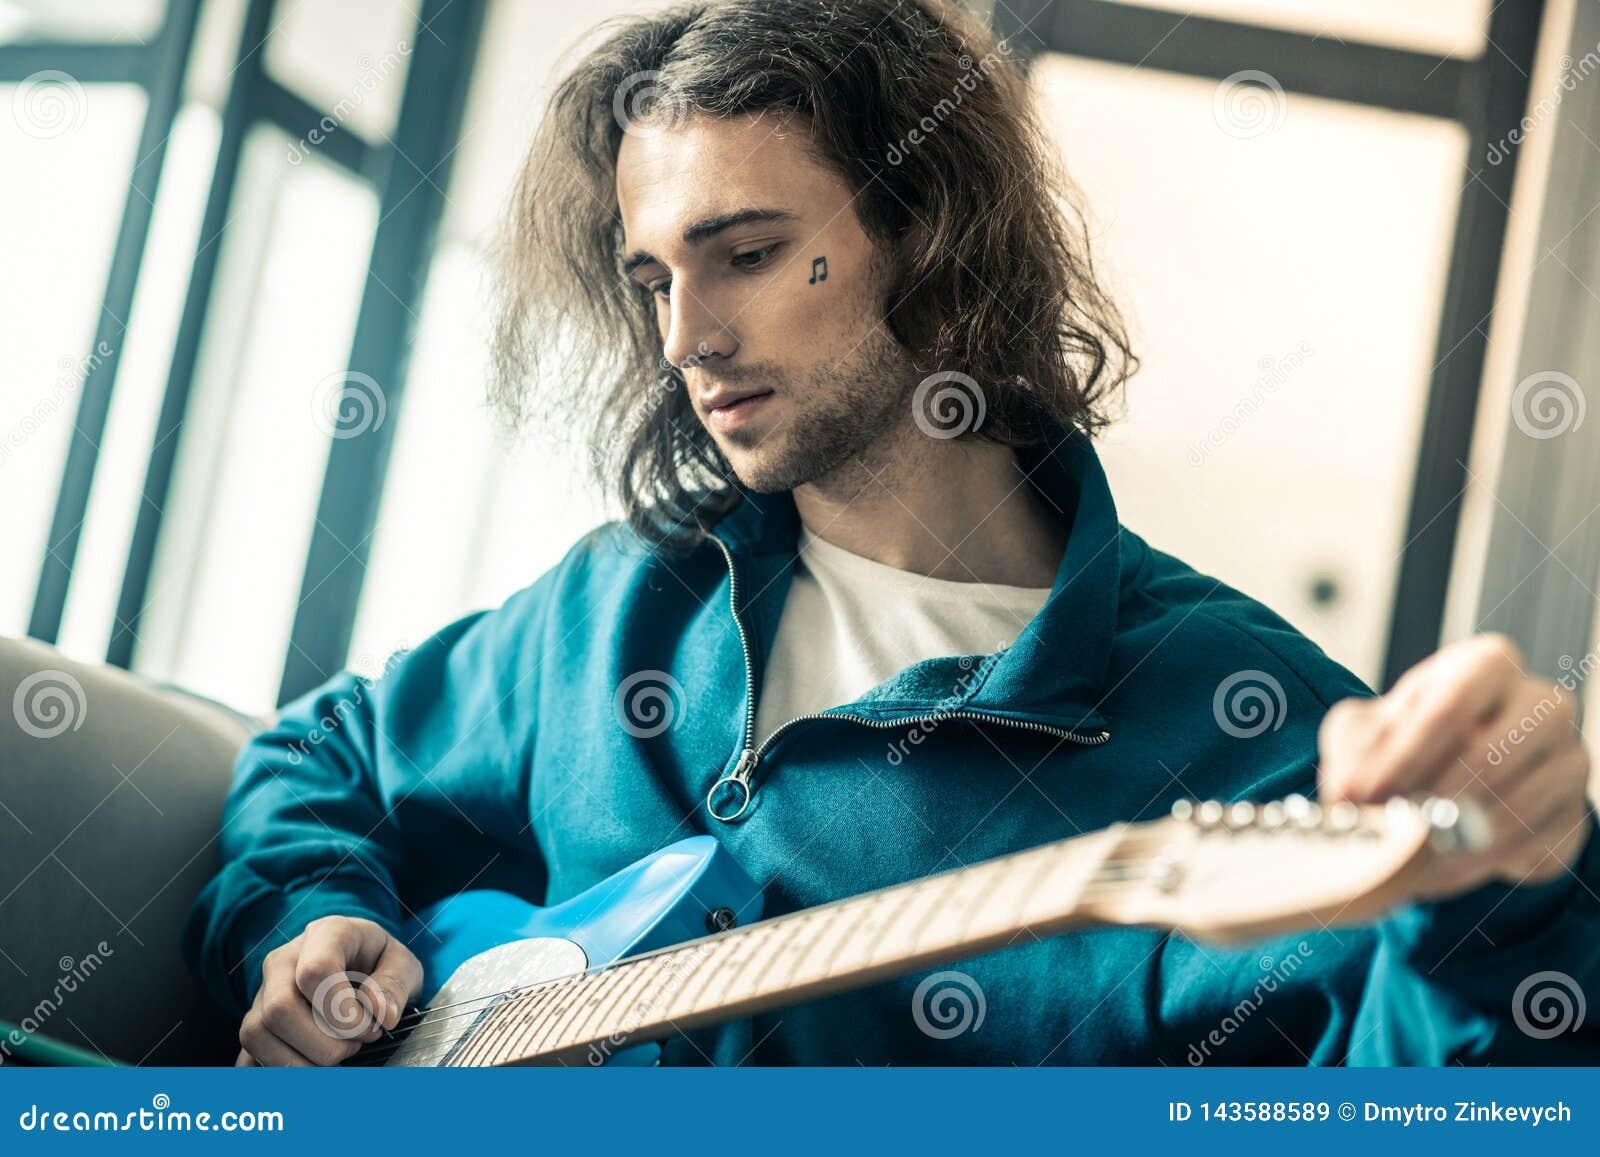 Μελαγχολικός μακρυμάλλης νέος μουσικός με τη μικρή δερματοστιξία που ελέγχει τις σειρές